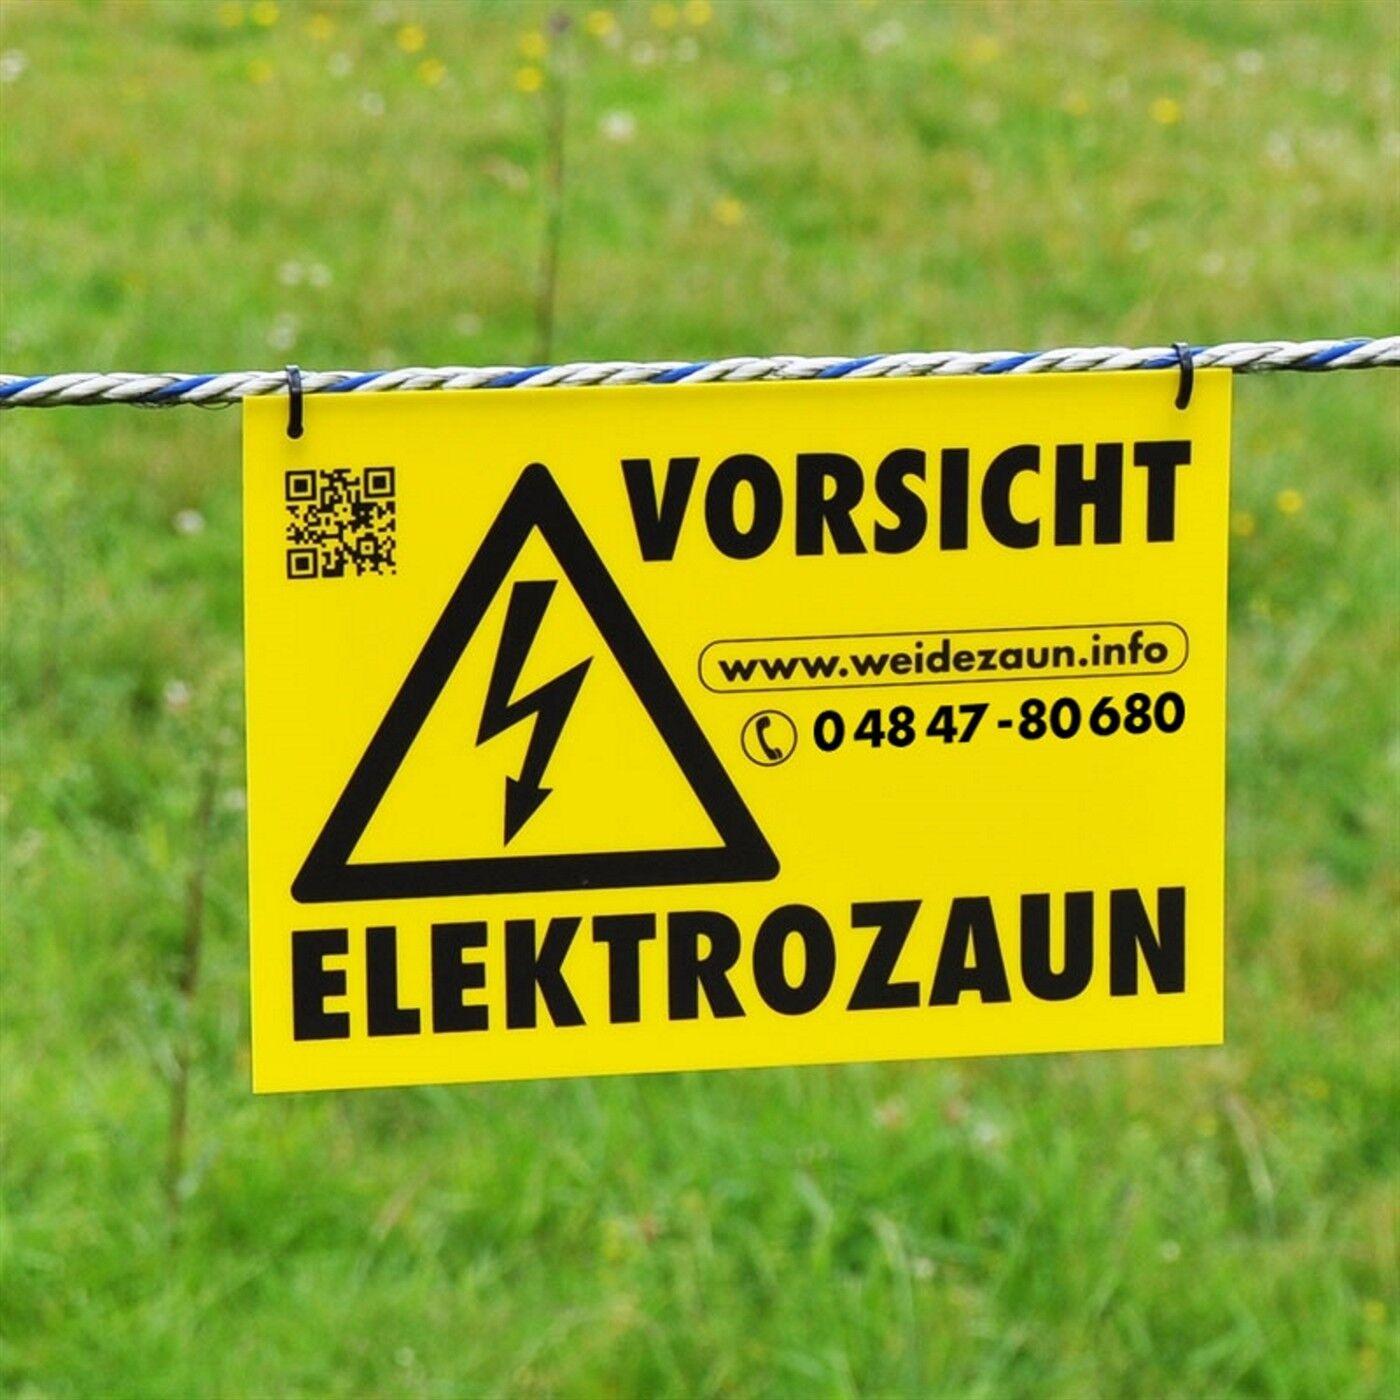 1000m 20mm Weidezaun Band Elektro Zaun Pferde Pony Schaf Schaf Schaf Rinder Ziegen Hunde 32621c